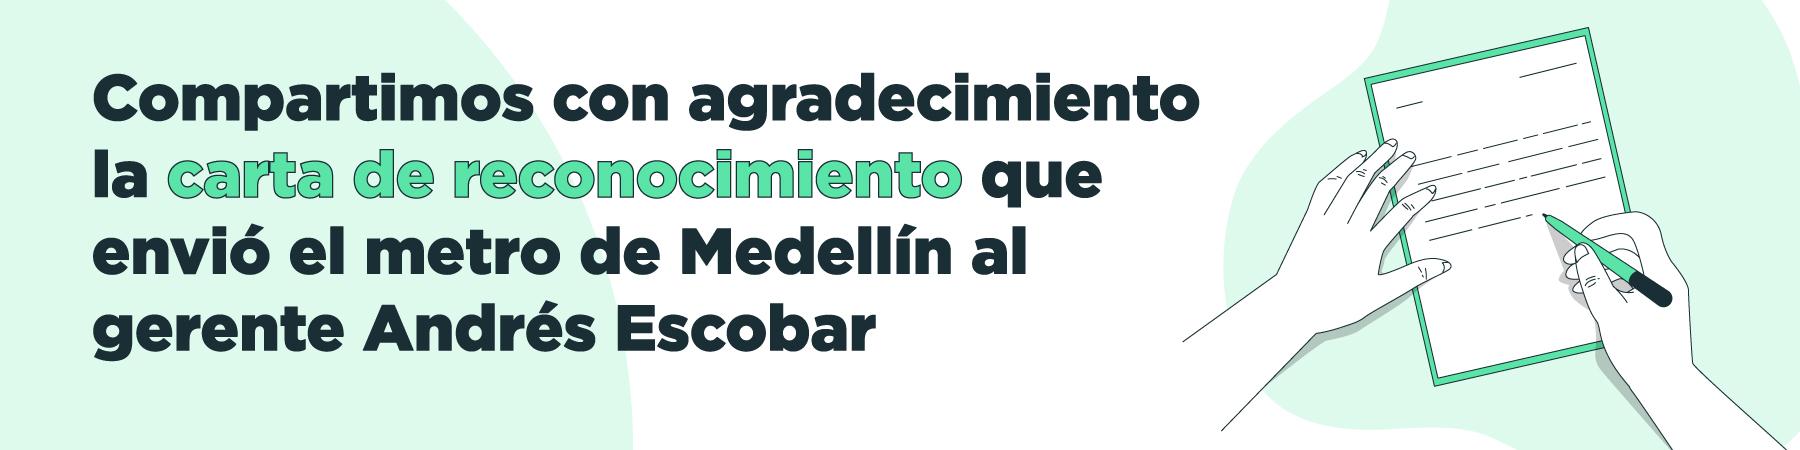 Carta de reconocimiento al gerente Andrés Escobar